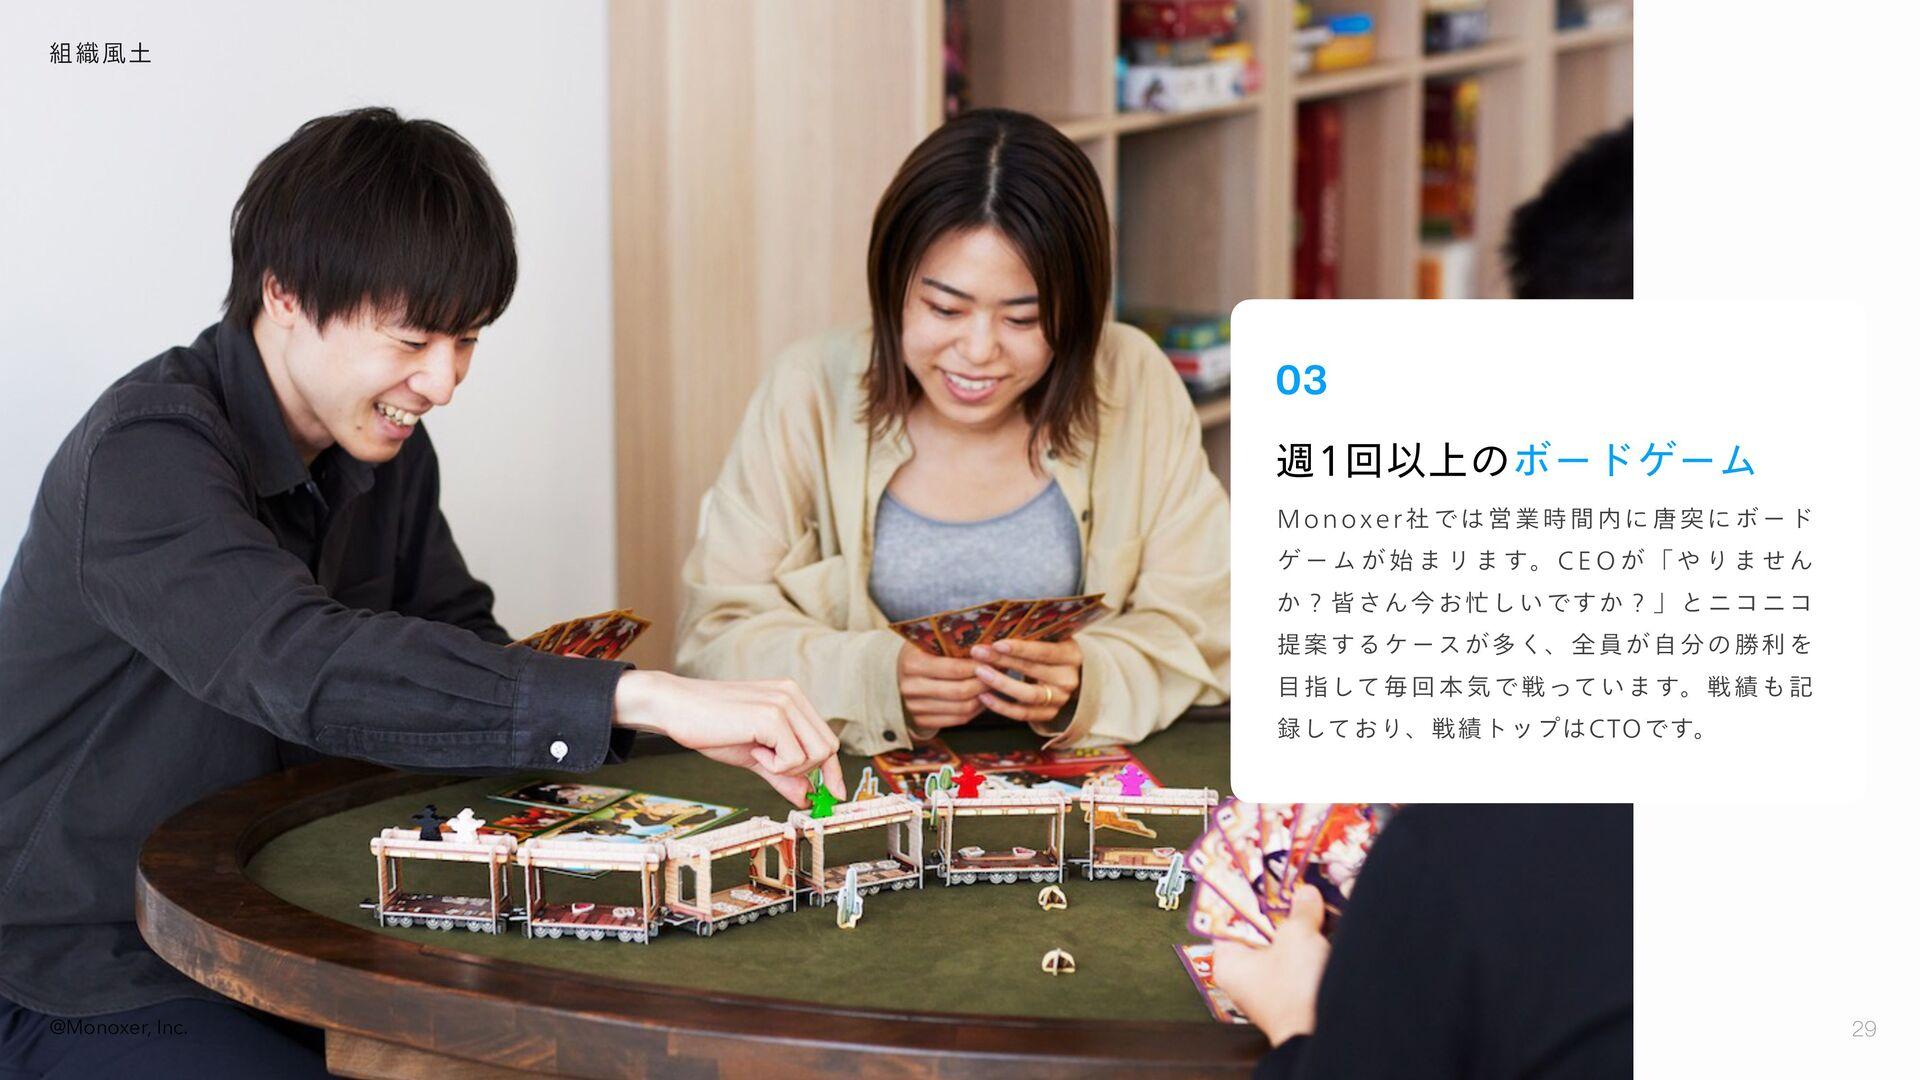 福利厚生・社内制度 29 29 @Monoxer, Inc. • ビジネス・コーポレート職:企...